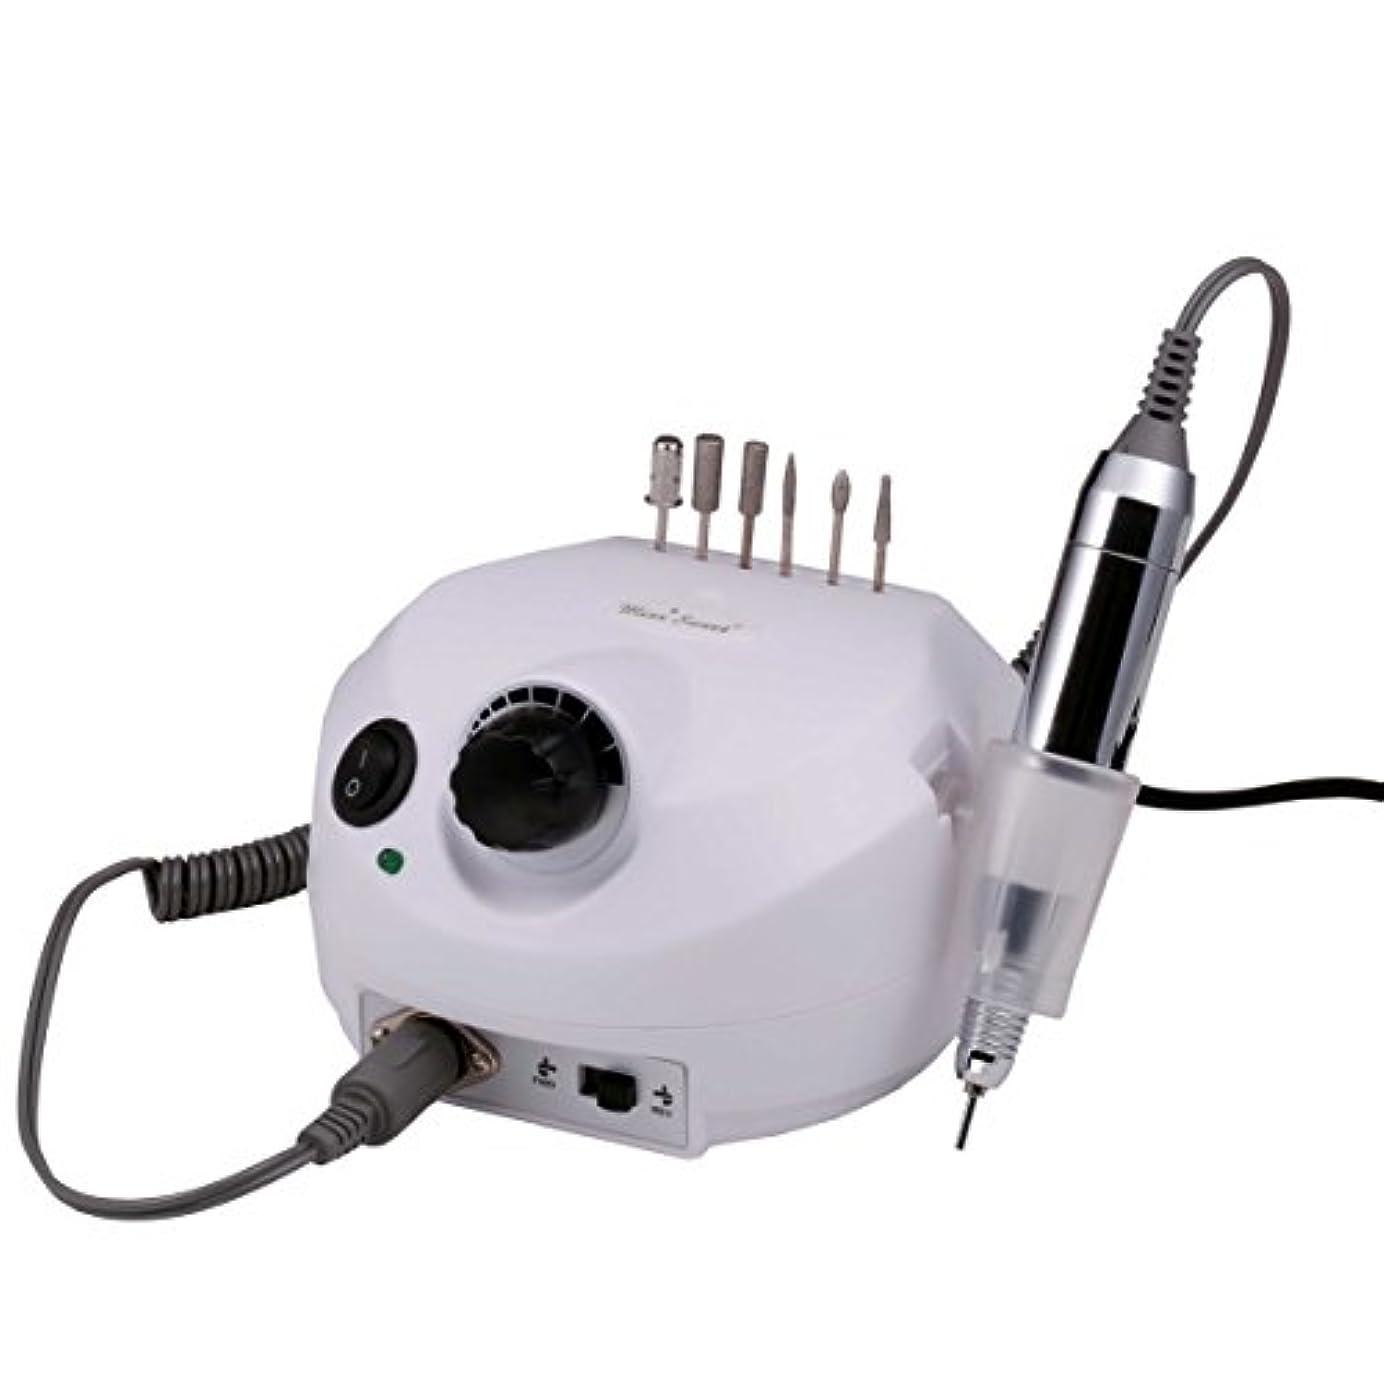 ヒロインきらきら綺麗なMiss Sweet 電動ネイルマシン ハードジェルネイルのオフにも最適 3万回転/分 (白3)